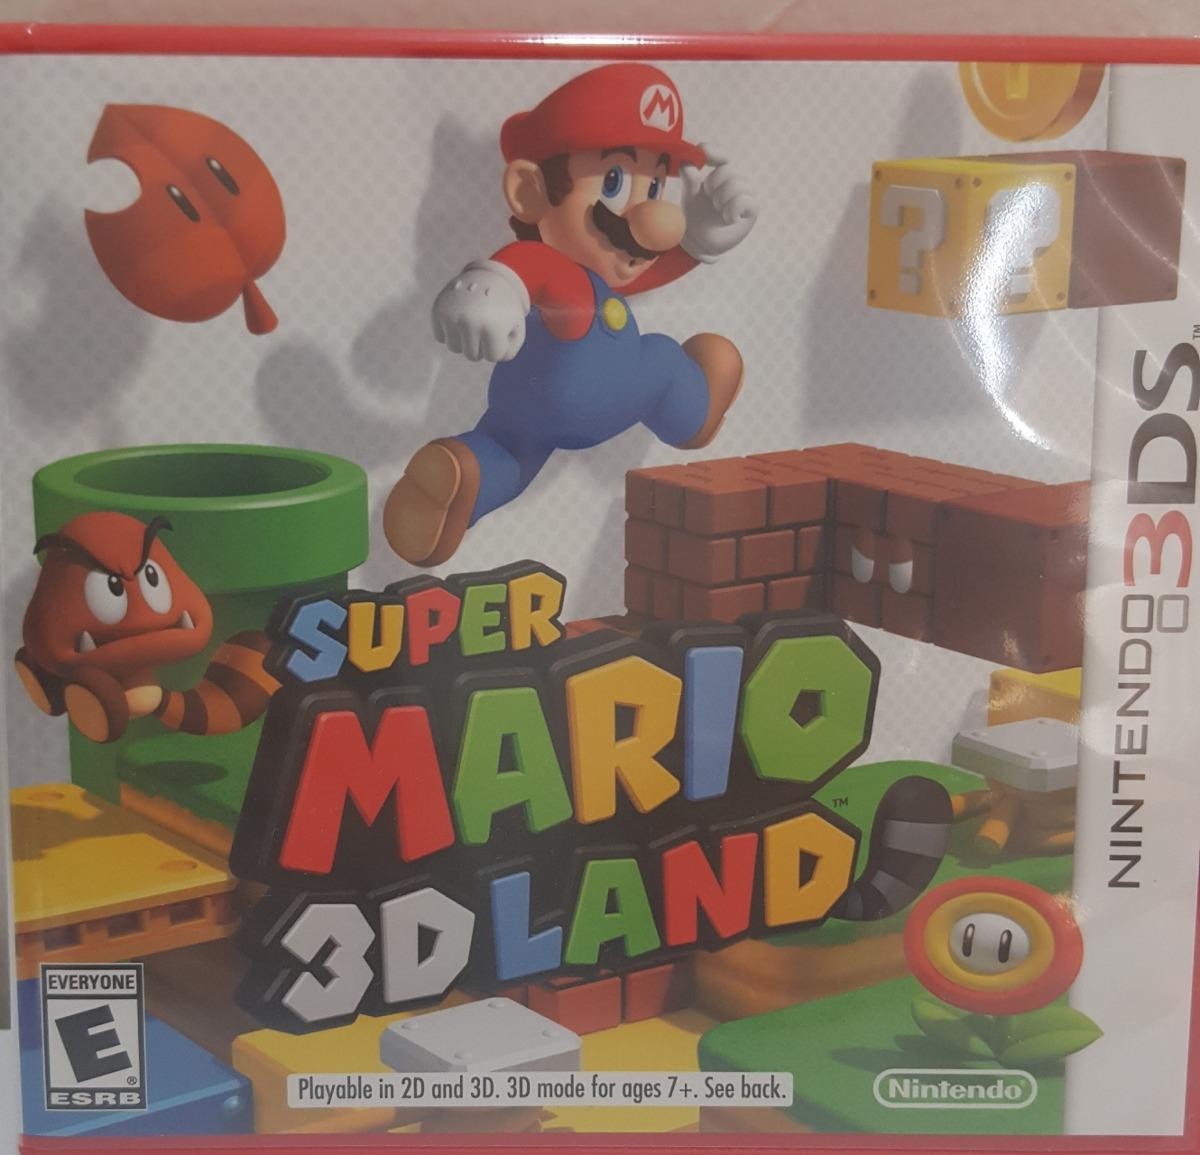 Juegos Nuevos Y Originales Para Nintendo 3ds Bs 40 000 00 En